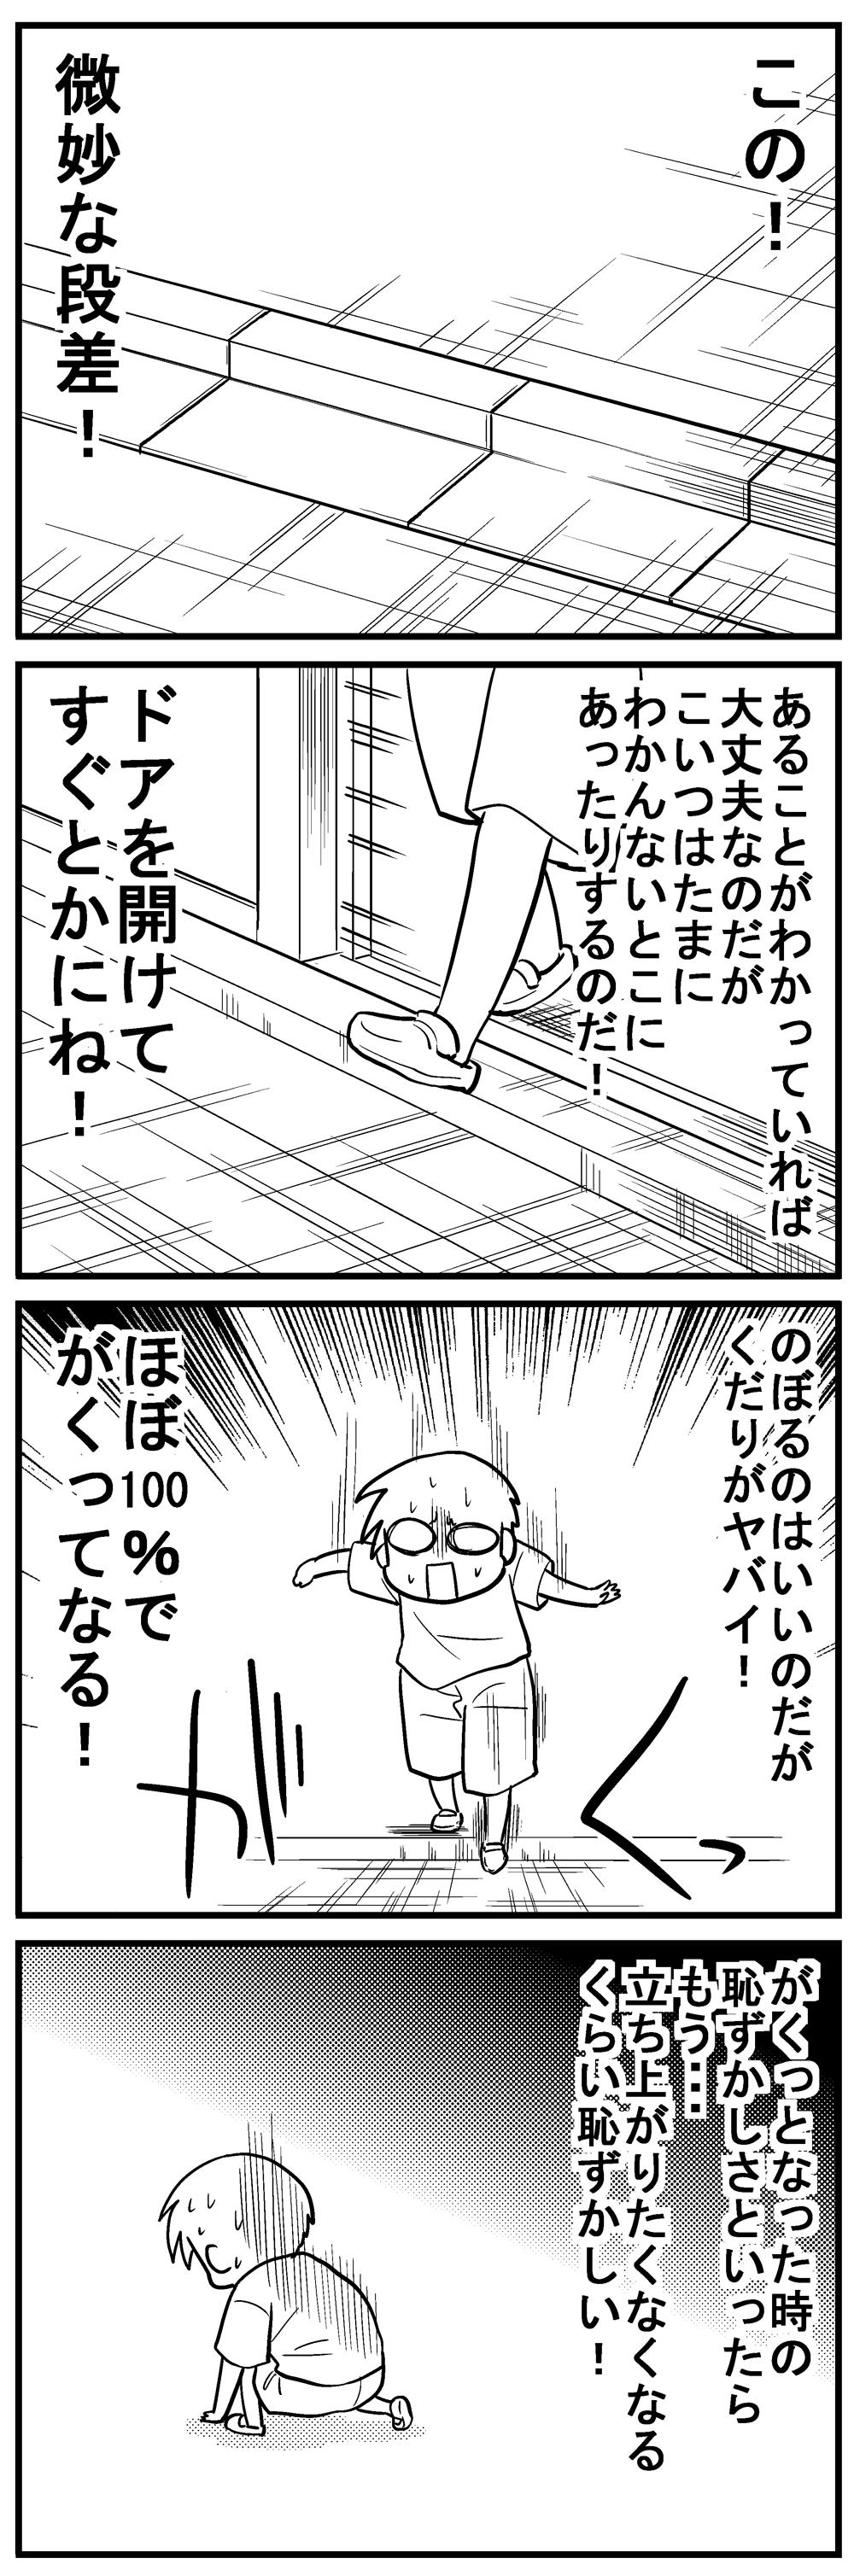 深読みくん62-2